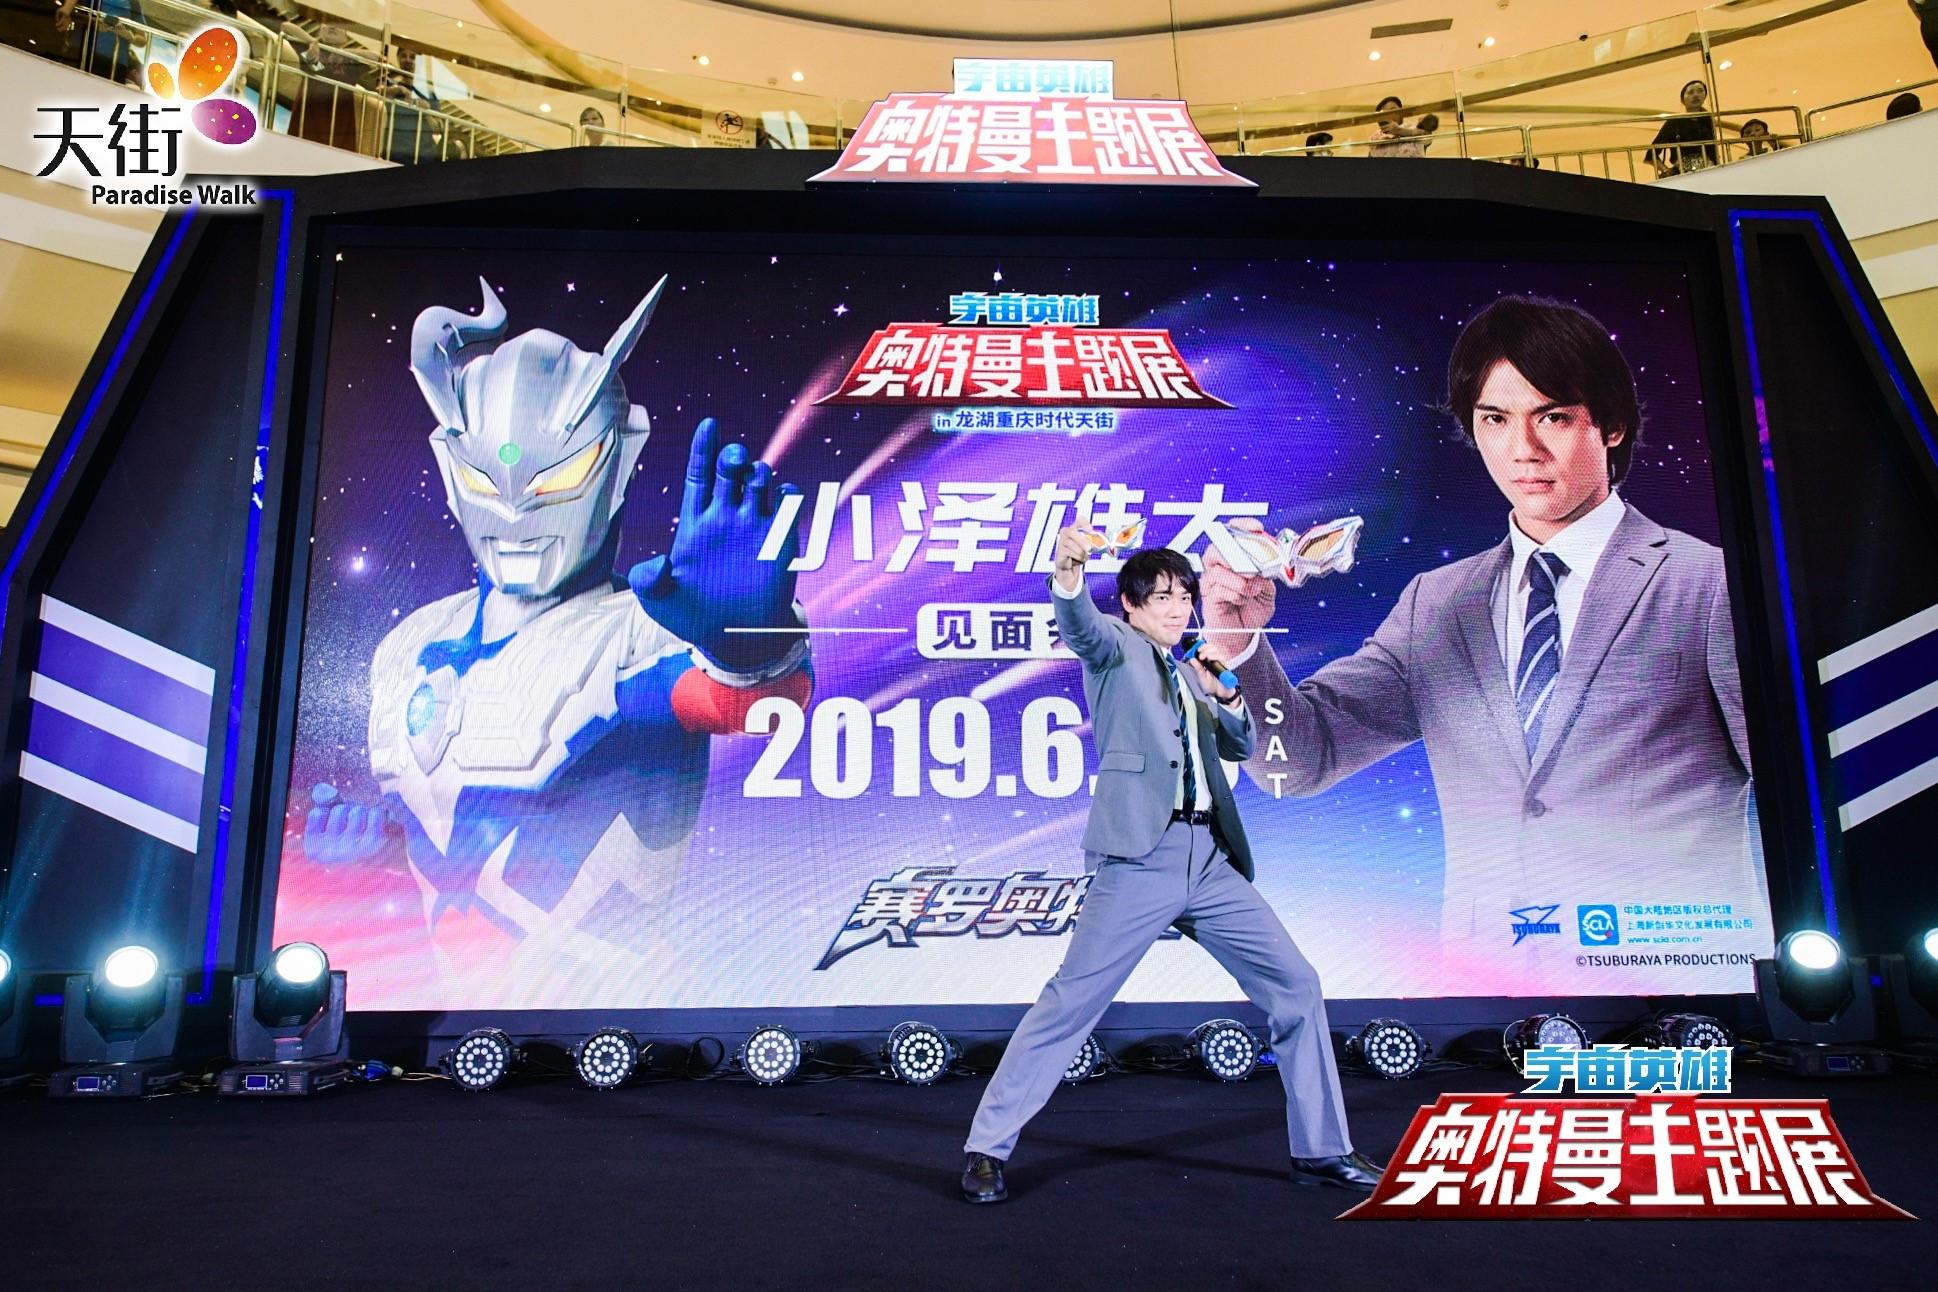 宇宙英雄奥特曼主题展登陆重庆,7月去龙湖重庆时代天街打卡!